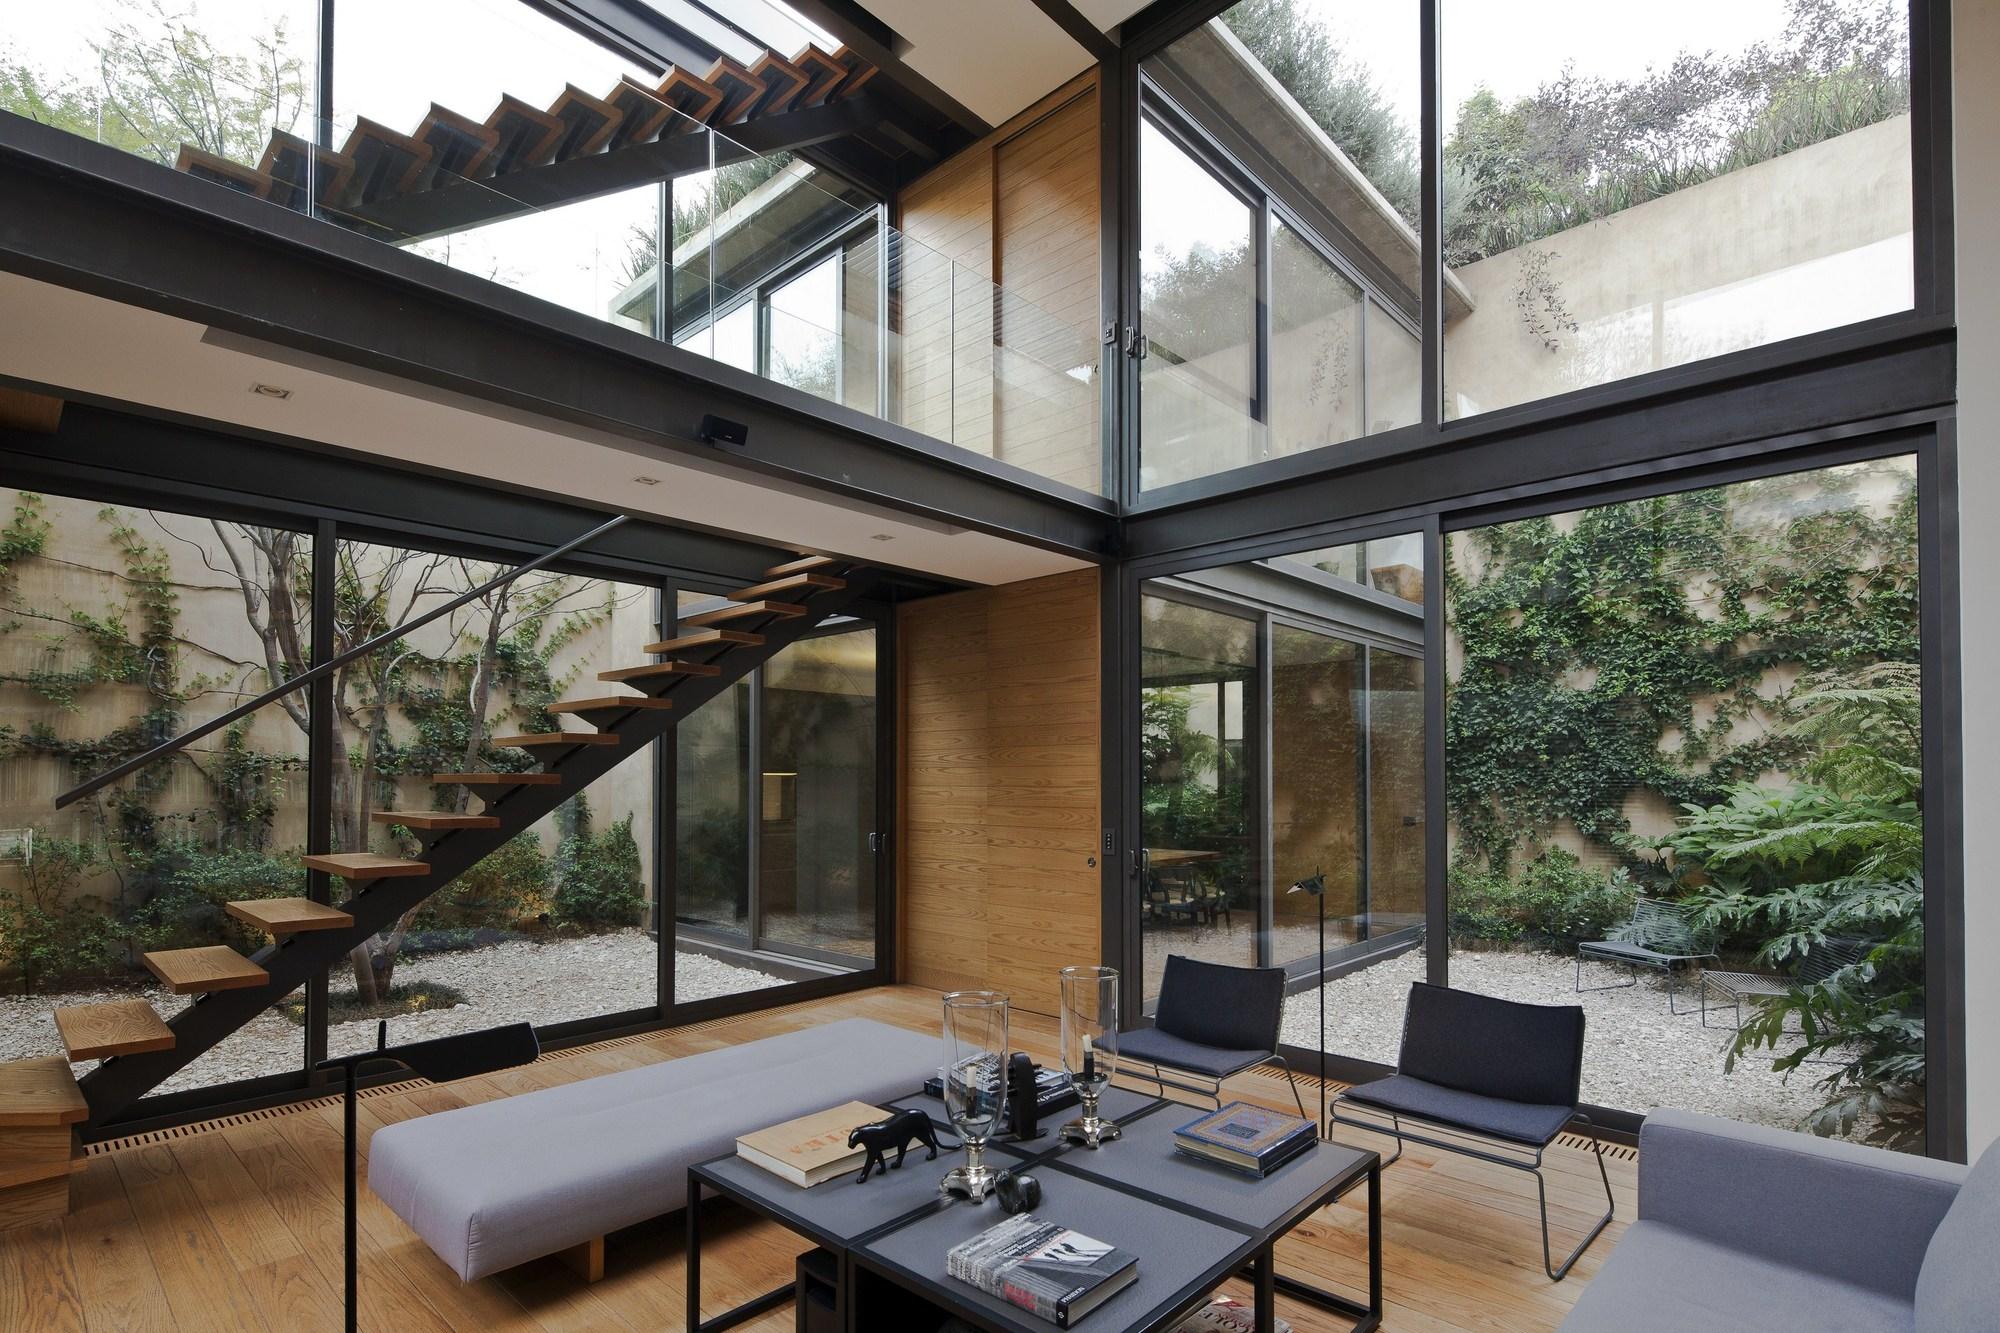 Galer a de casa de los cuatro patios andr s stebelski arquitecto 1 - Houses large patios ...